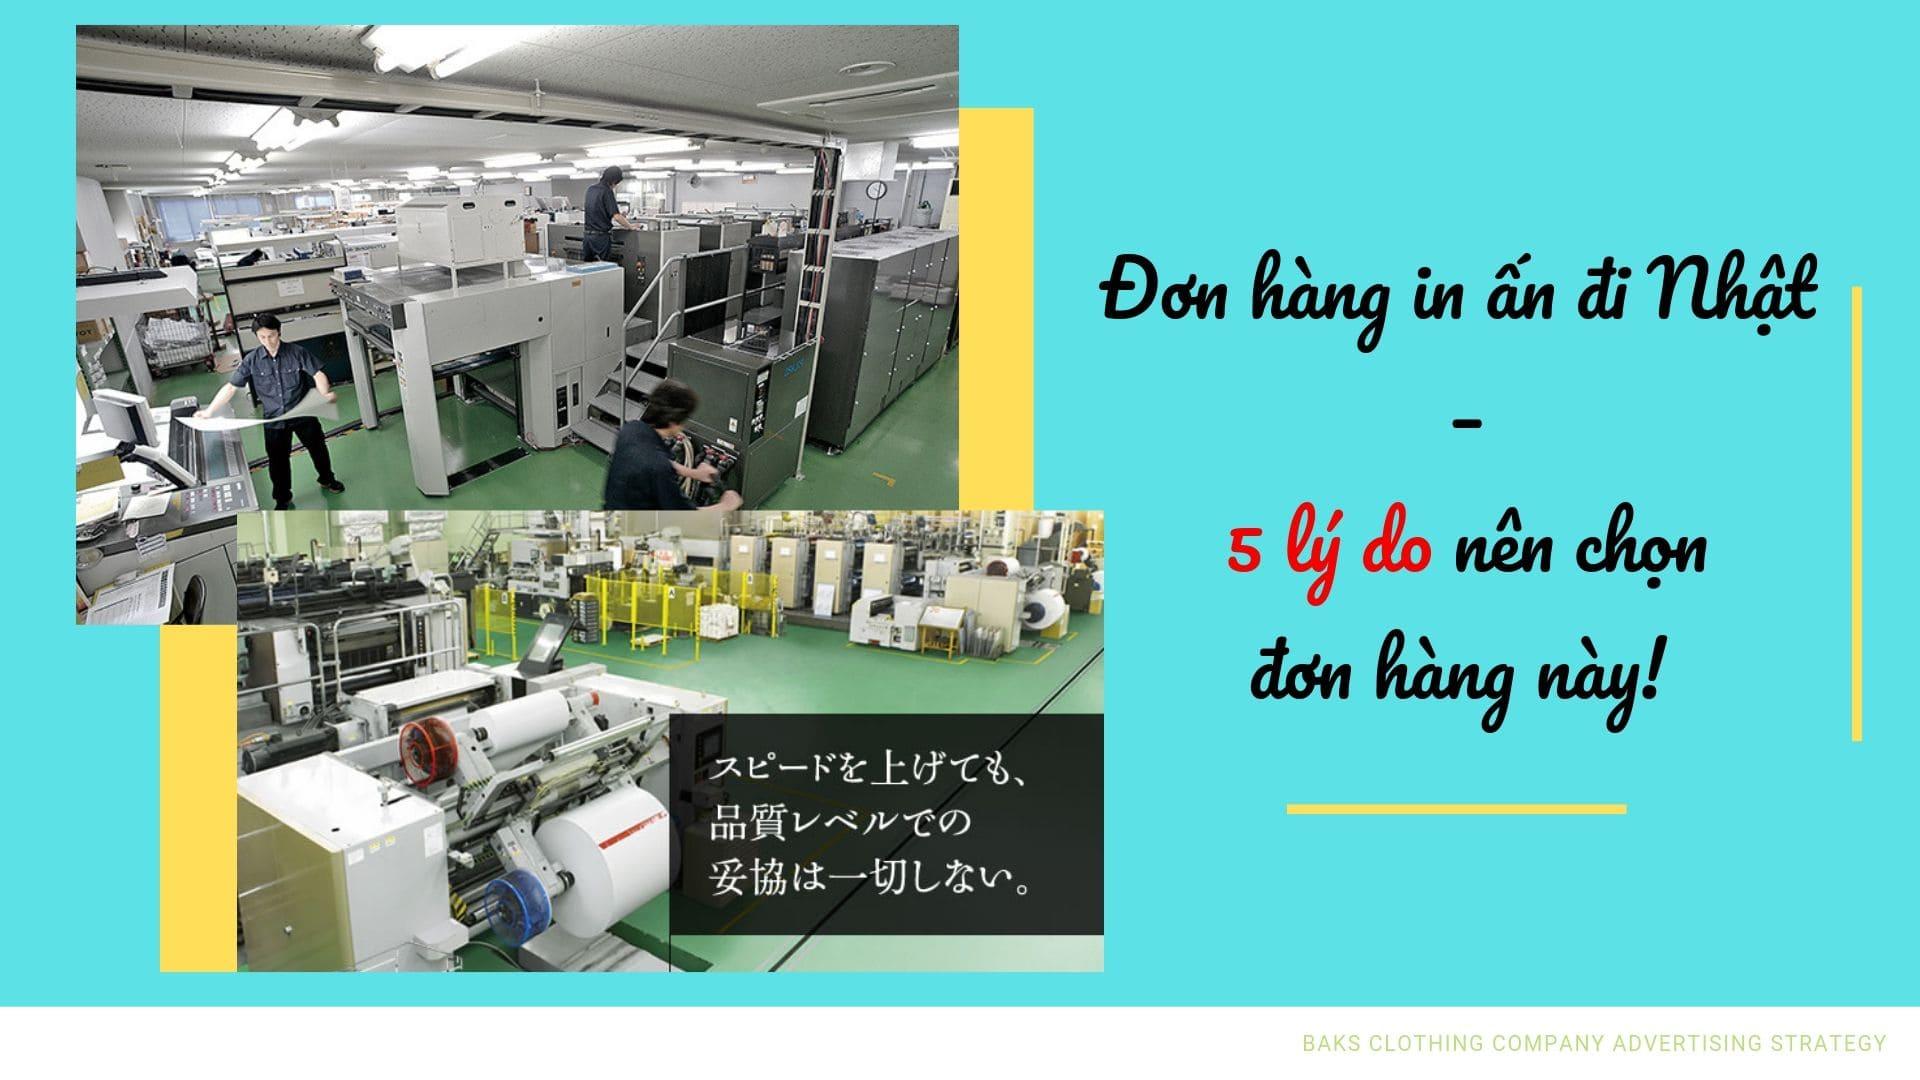 Đơn hàng in ấn Nhật Bản – 5 lý do nên chọn đơn hàng này!